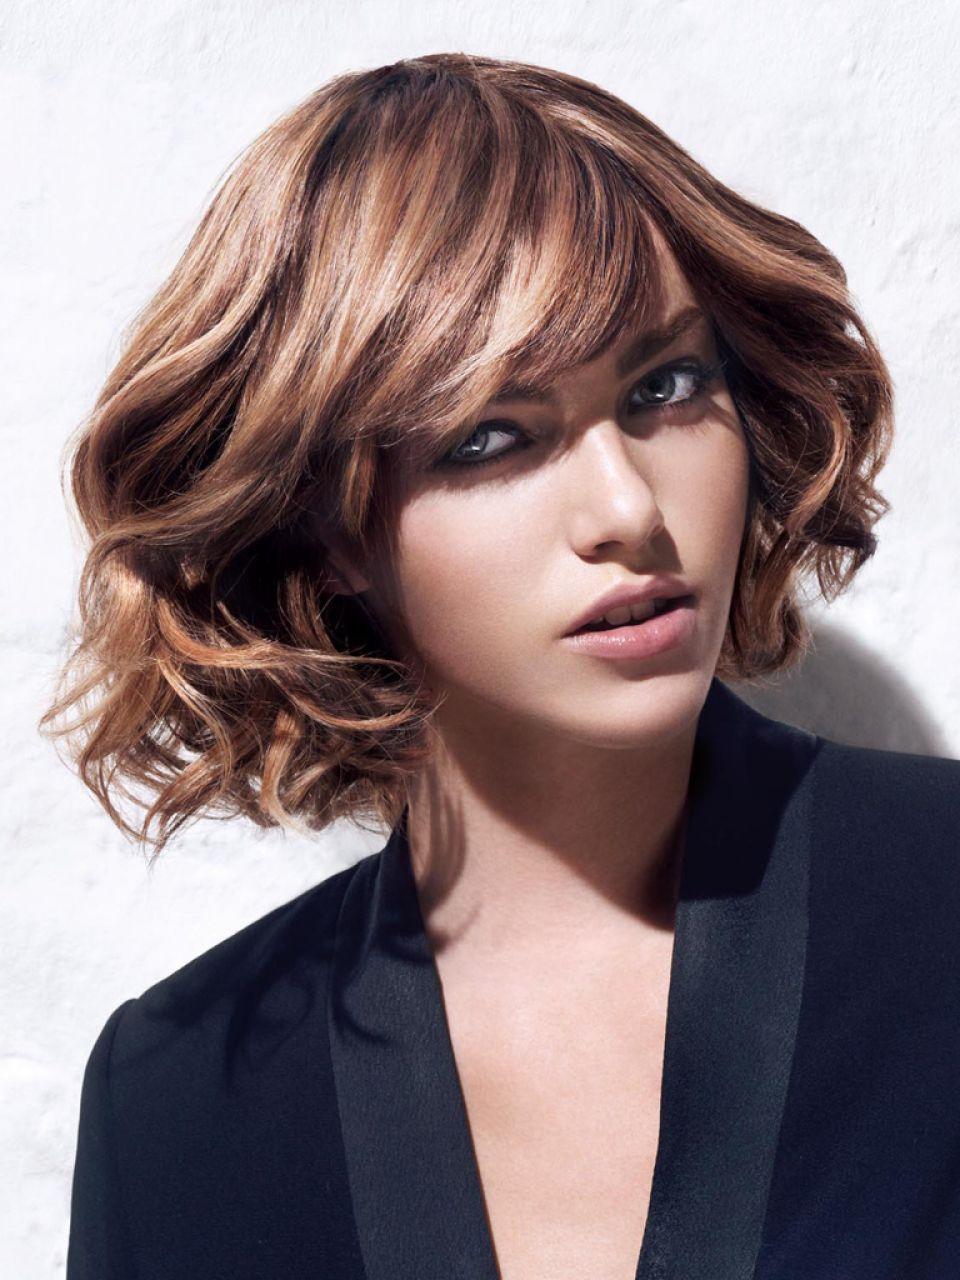 L'oreal Professionnel Краска для волос Majirel 9.21 очень светлый блондин перламутрово-пепельный 50 мл